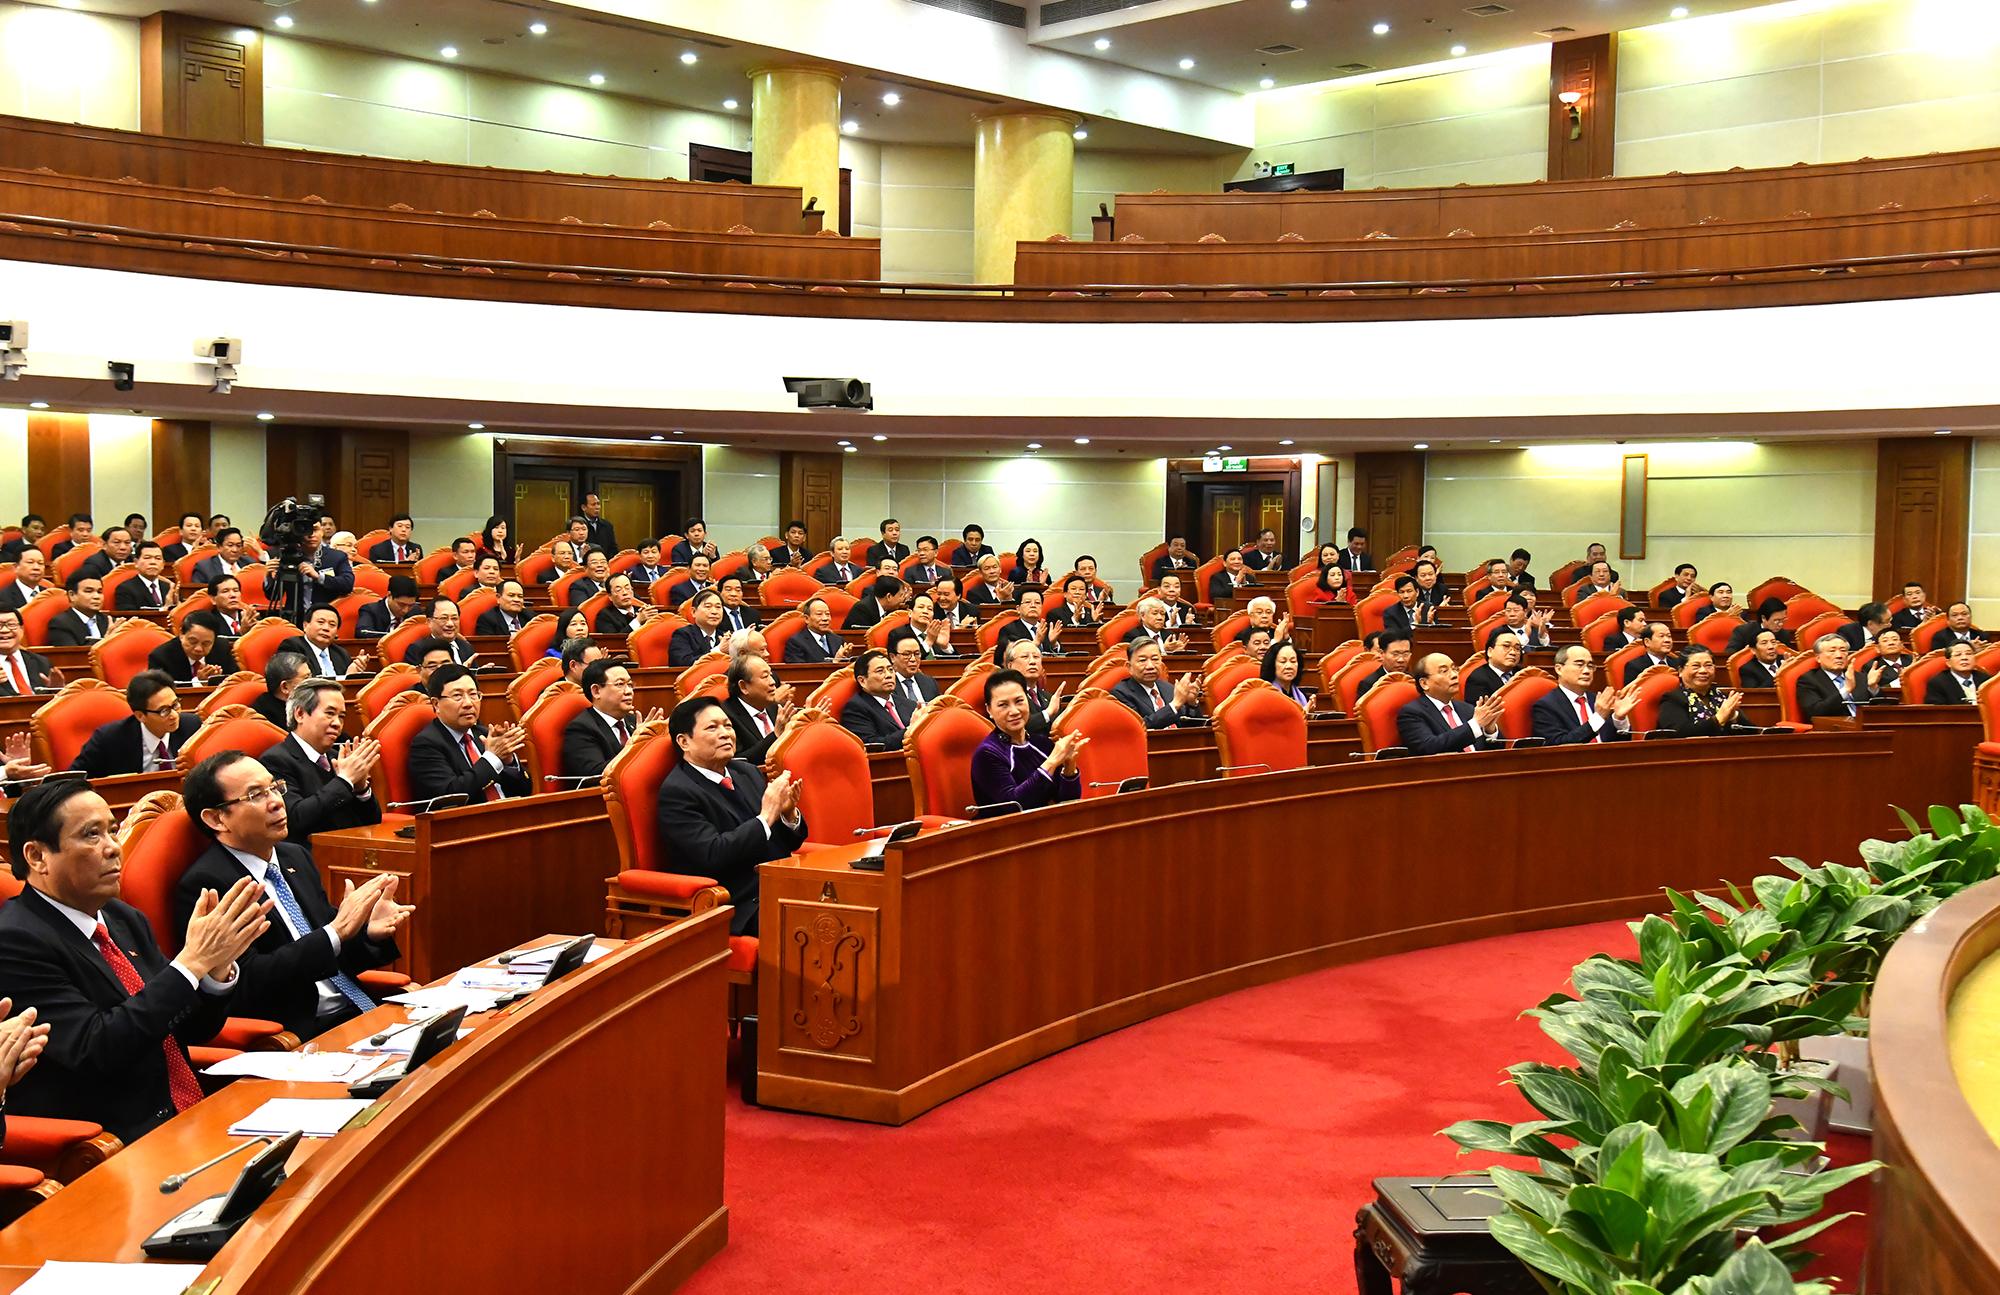 Bế mạc Hội nghị lần thứ 15 Ban Chấp hành Trung ương Đảng khóa XII. Ảnh VGP